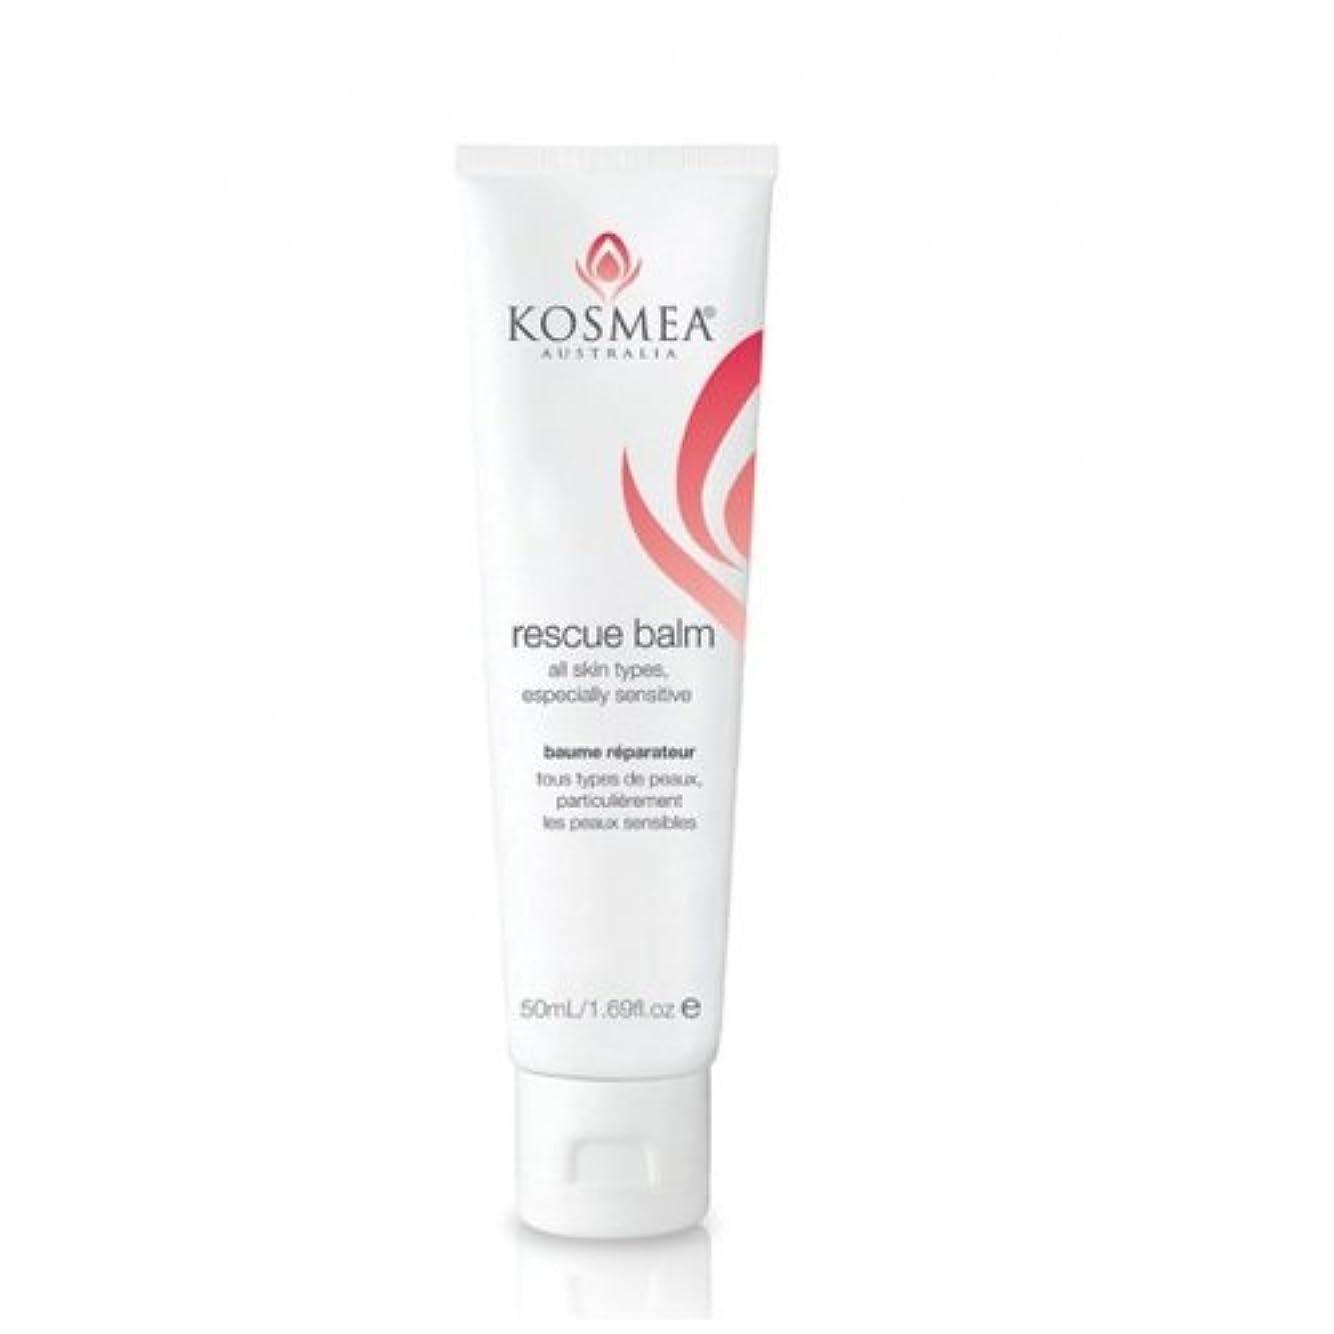 ヘッドレスメッセンジャー姿を消す【KOSMEA】Skin Clinic TM Rescue Balm コスメア レスキューバーム 50ml【並行輸入品】【海外直送品】